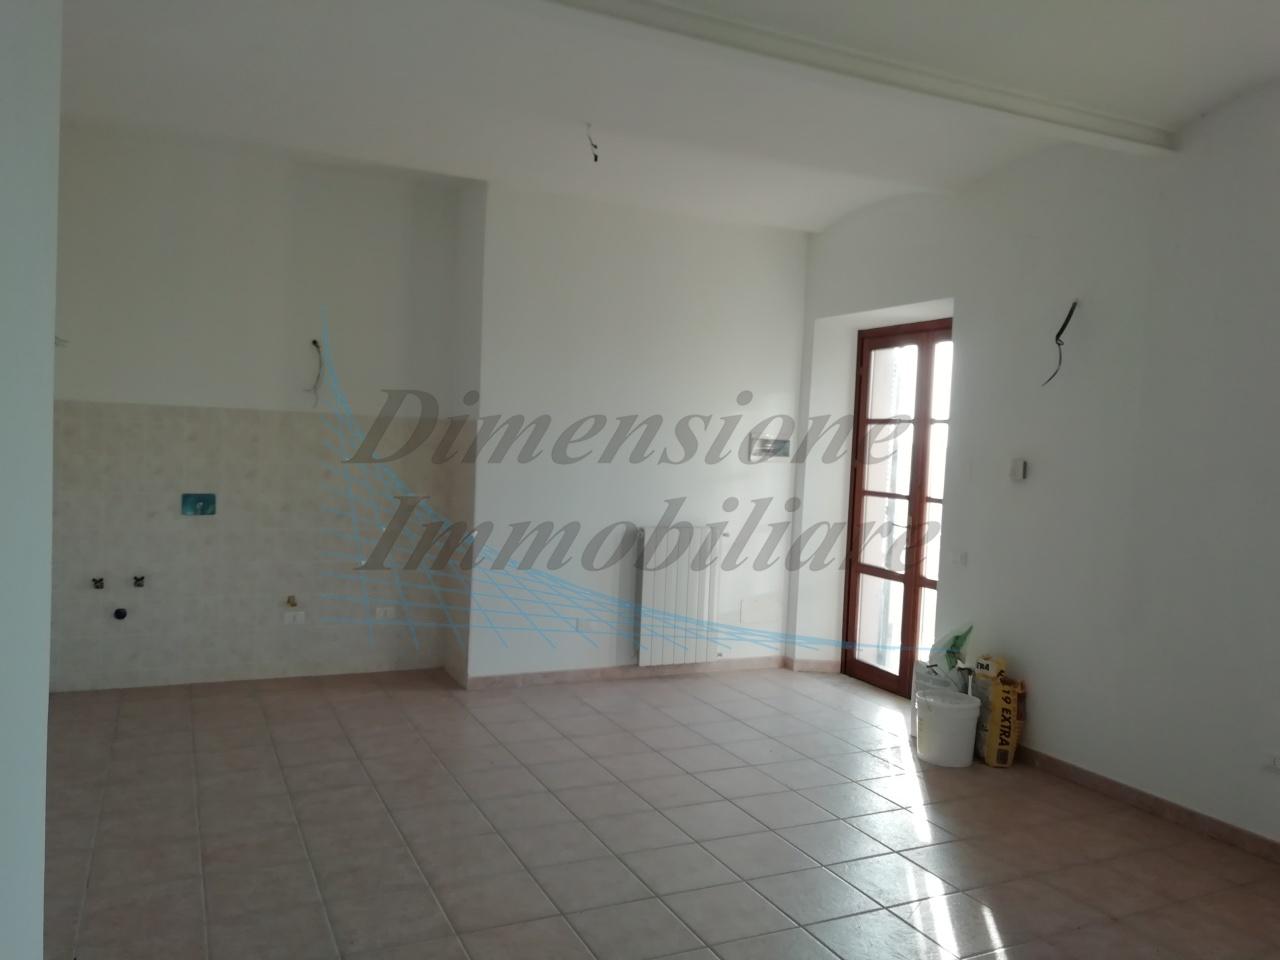 Appartamento - Indipendente a Volterra